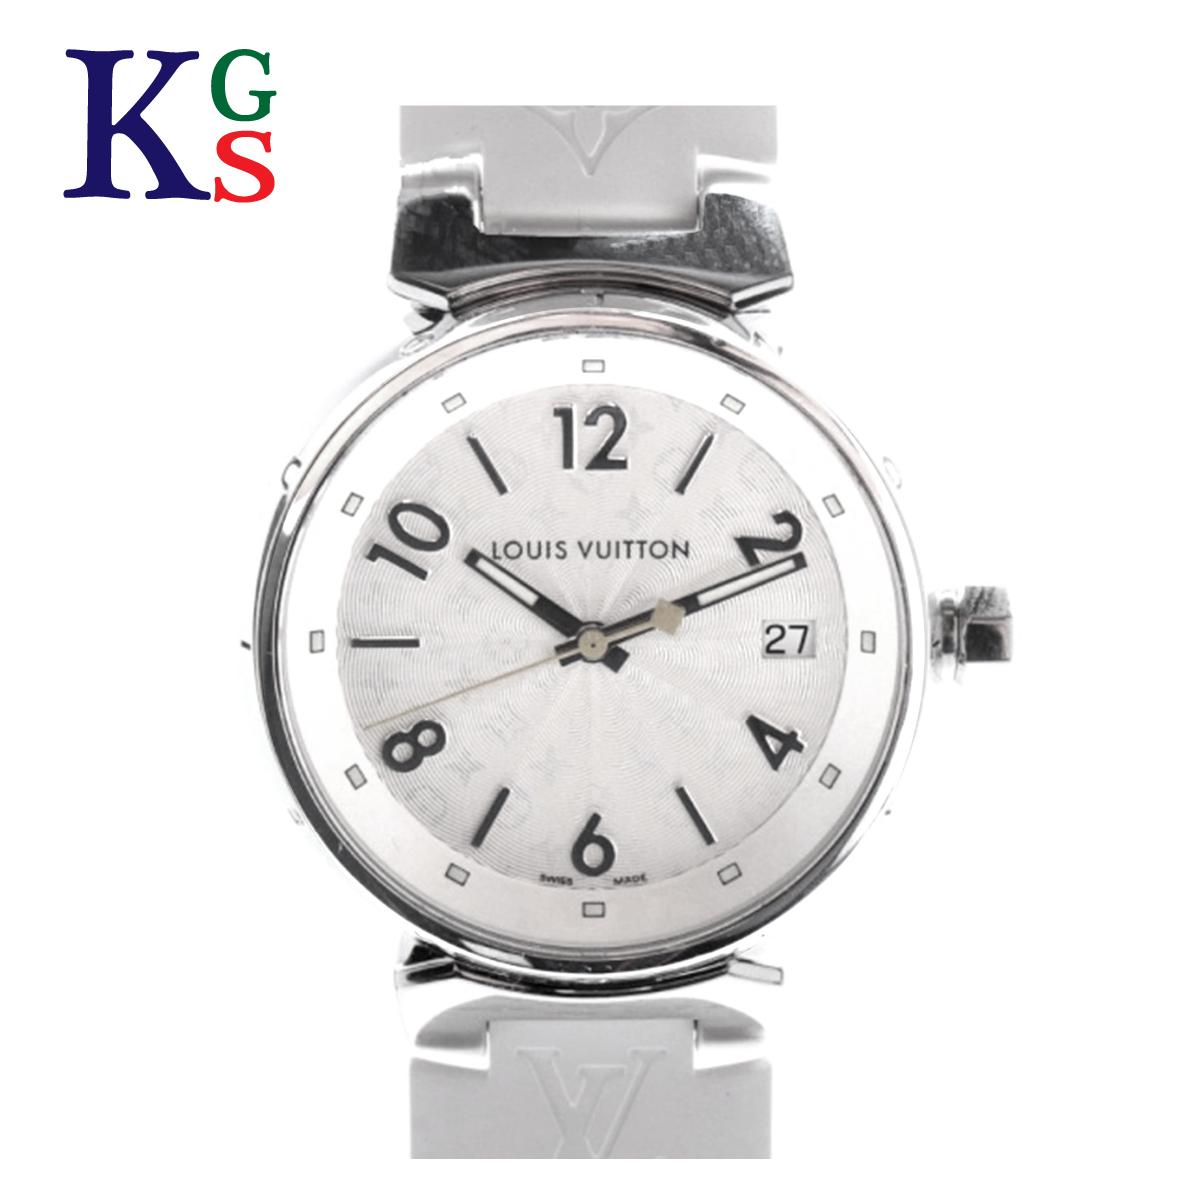 【ギフト品質】ルイヴィトン/Louis Vuitton レディース 腕時計 タンブールMM ホログラム ホワイト文字盤 ステンレススチール×ラバーベルト Q1313